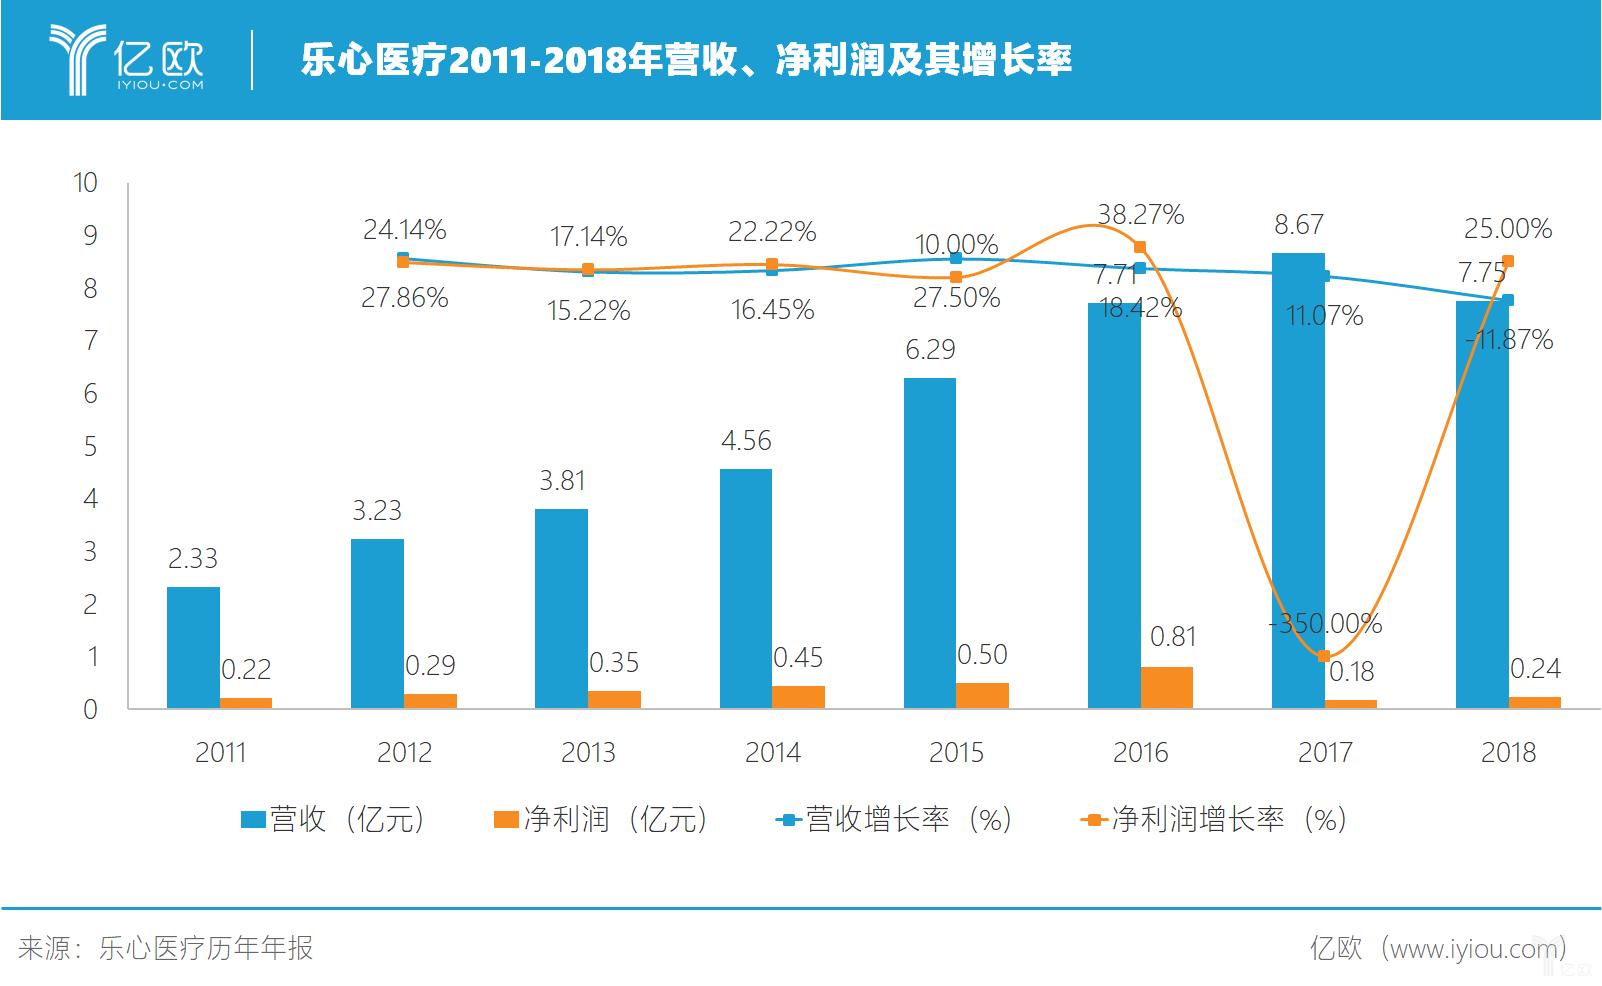 乐心医疗2011-2018年营收、净利润及其增长率.png